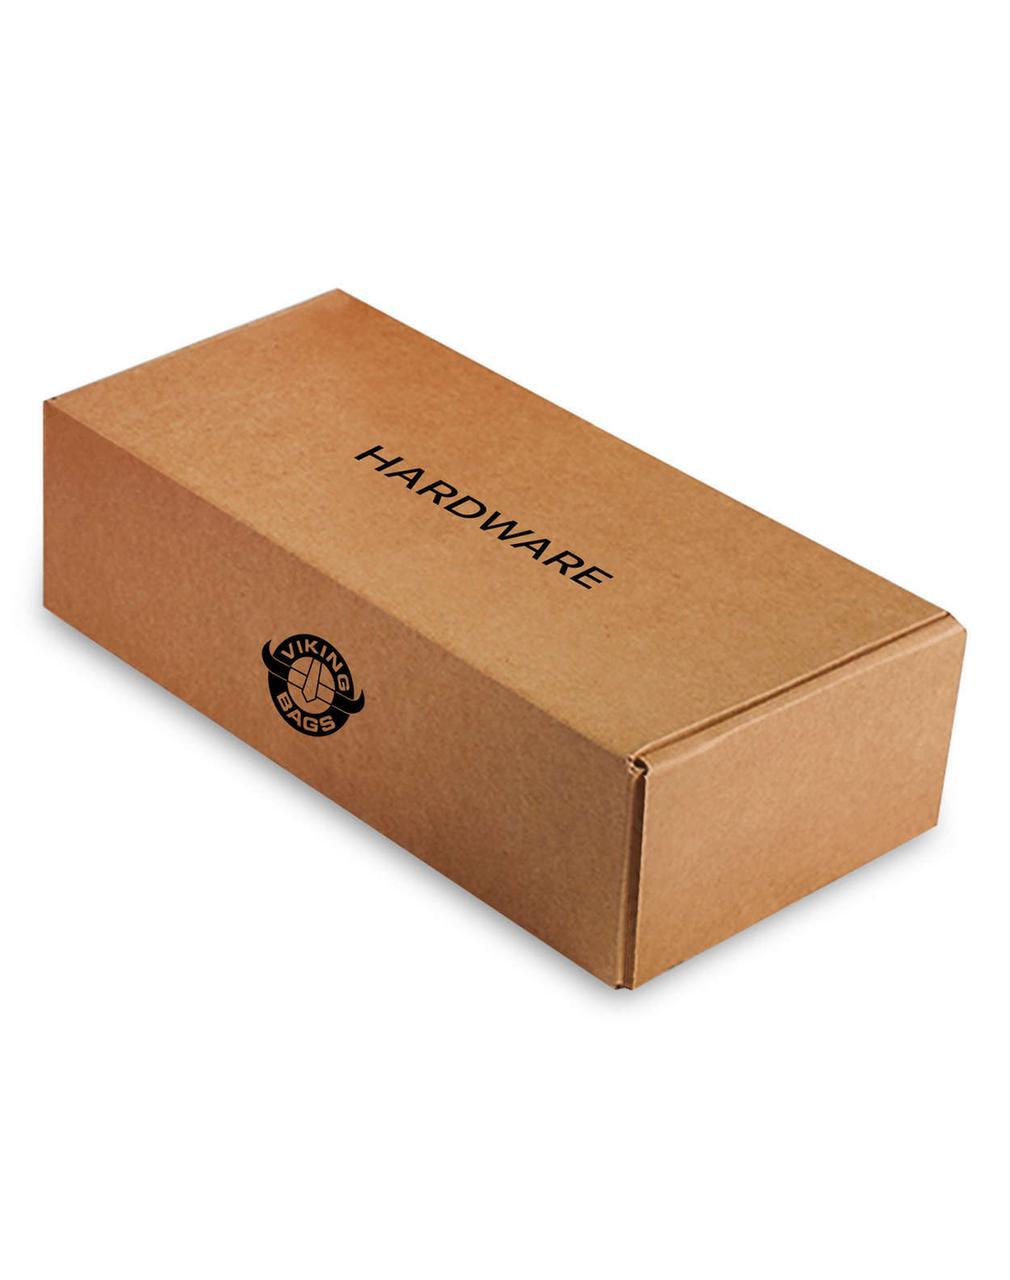 Yamaha Startoliner XV 1900 Trianon Motorcycle Saddlebags Hardware Box